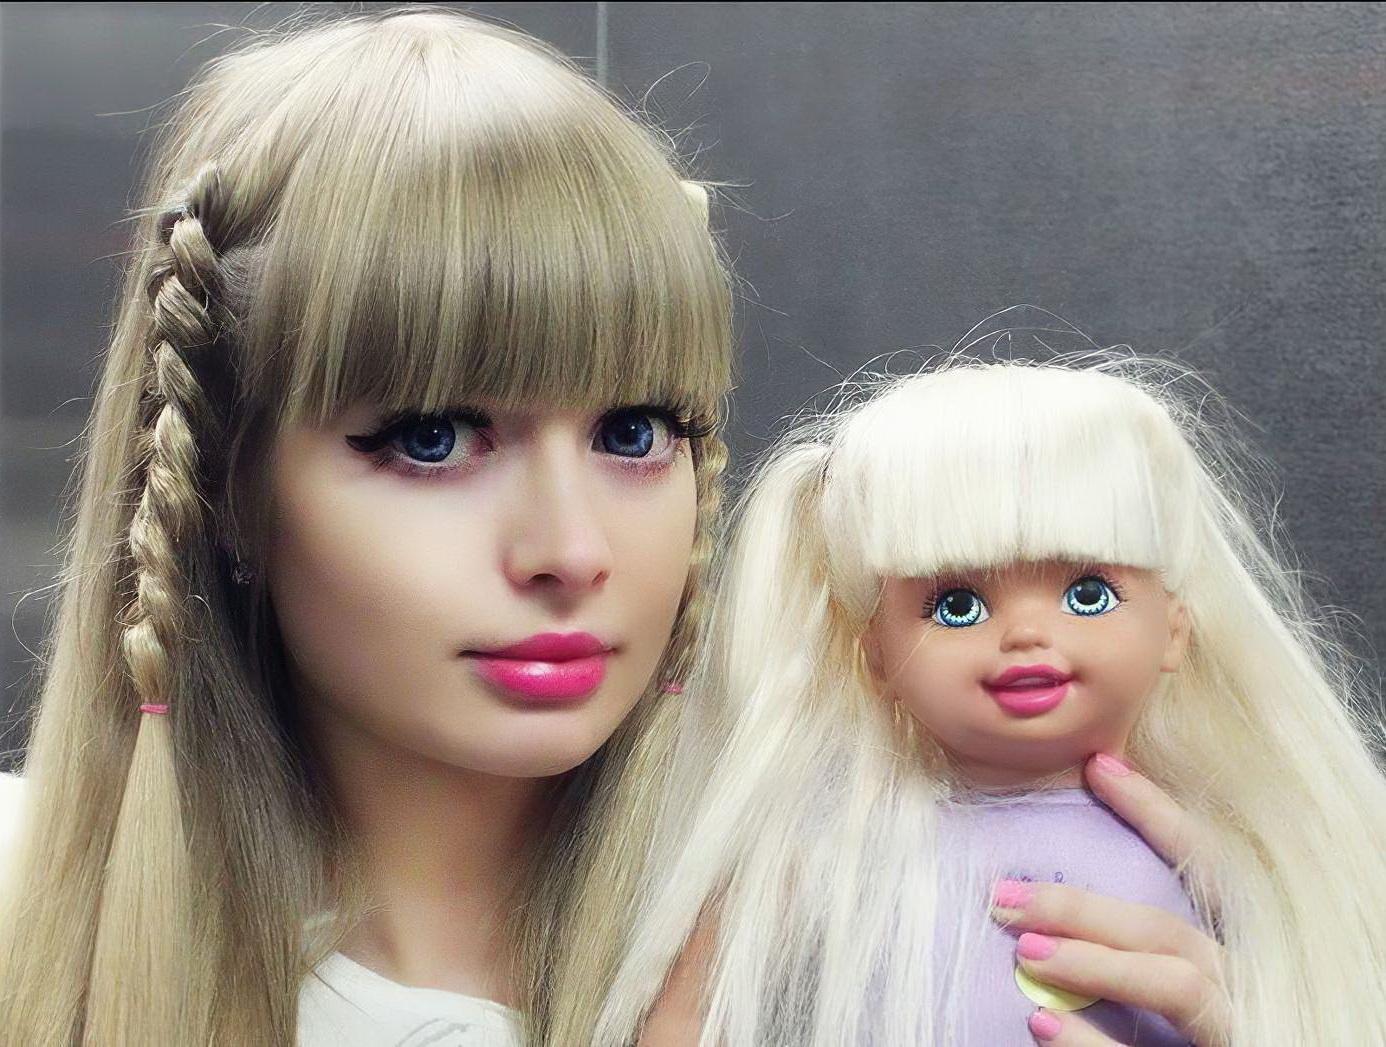 Родители сделали из дочери живую куклу. Русская Барби покоряет соцсети